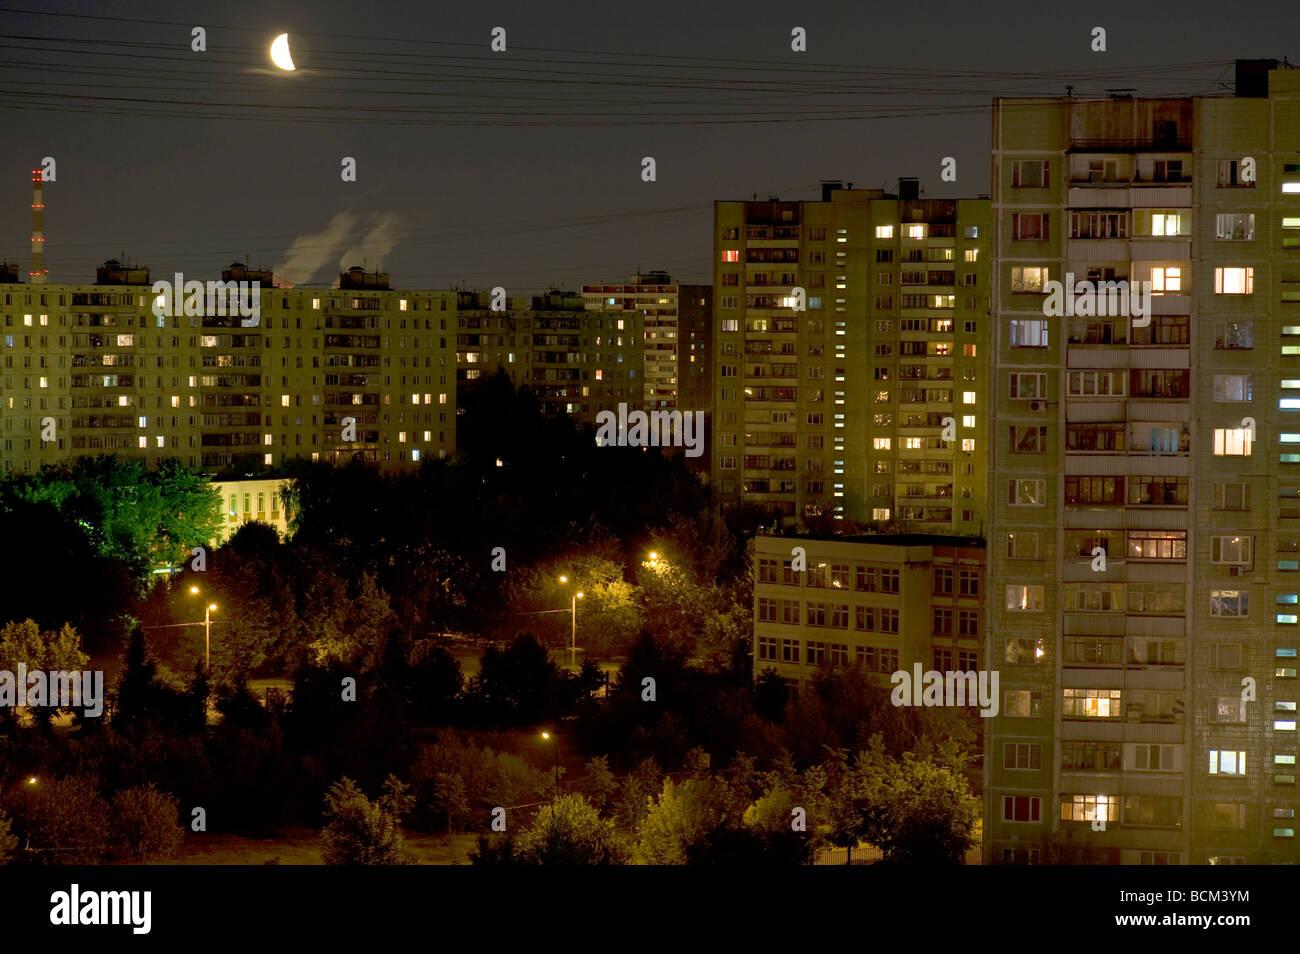 Stadt malerische Panel Wohnungsbau in der Nacht Stockbild